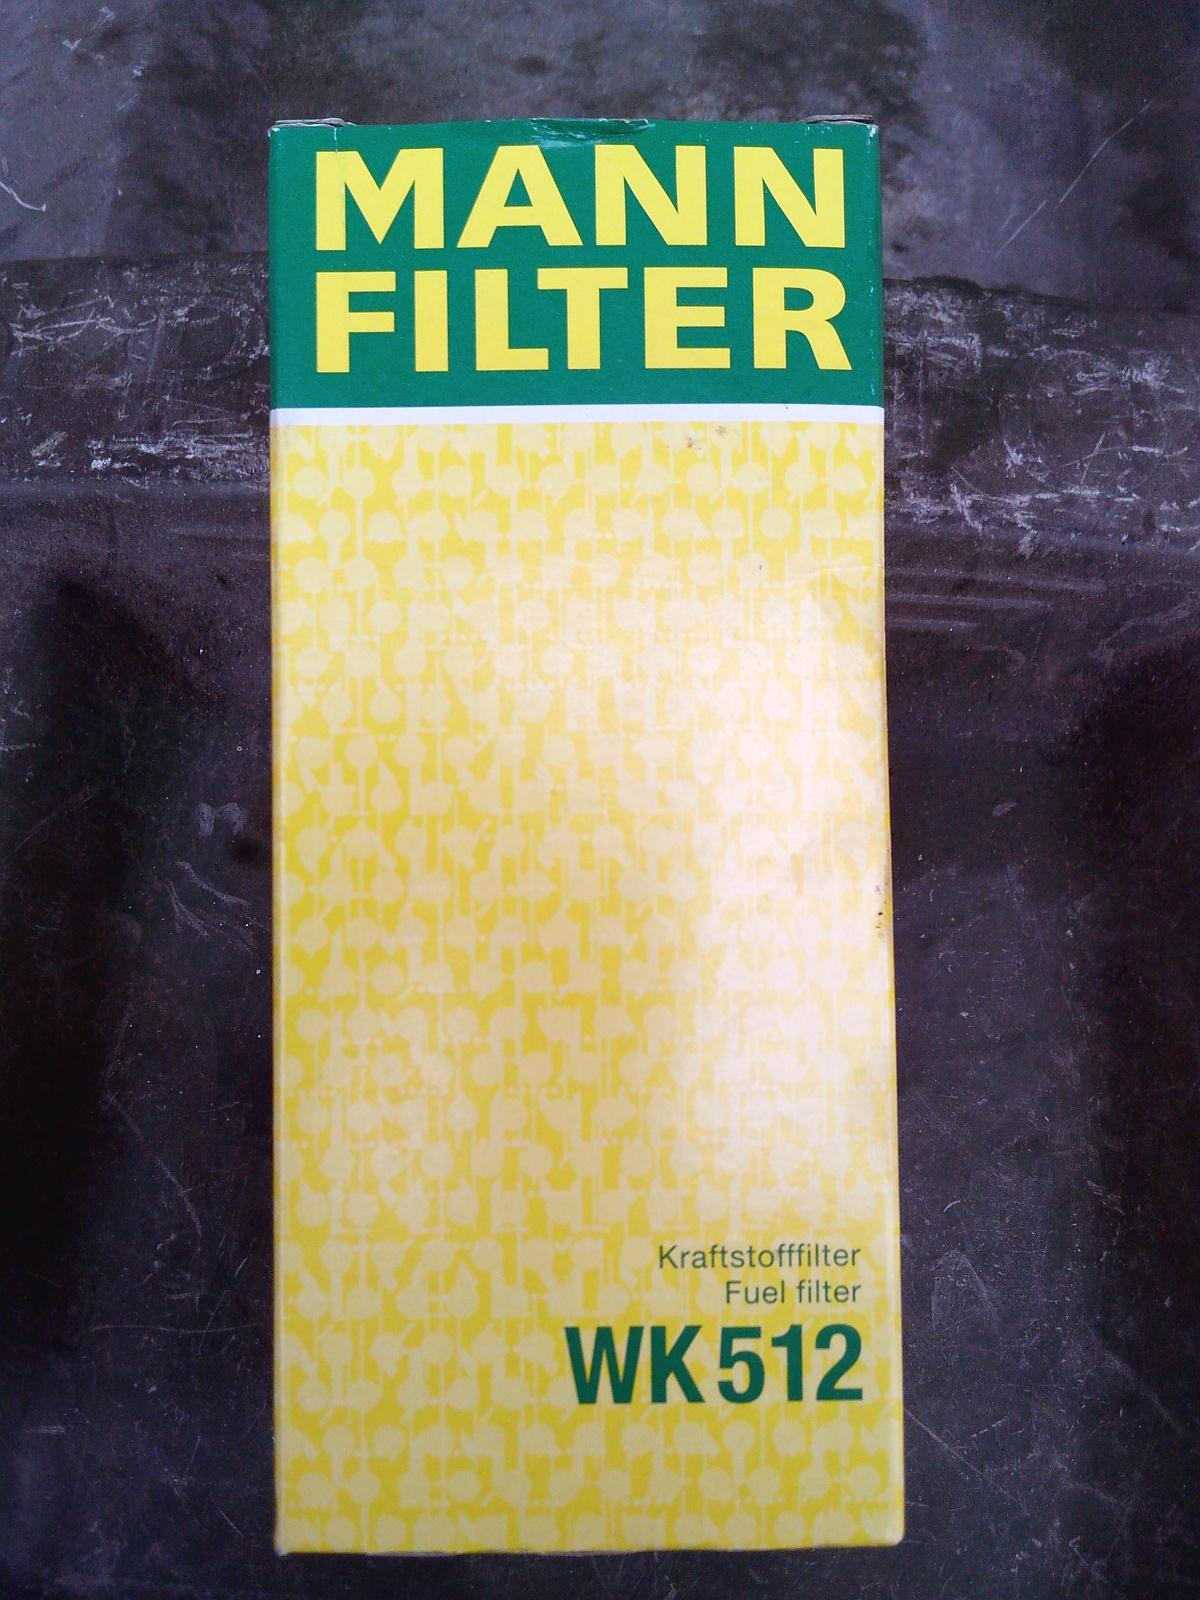 Tutorial schimbare filtru de benzina Vdzsxe